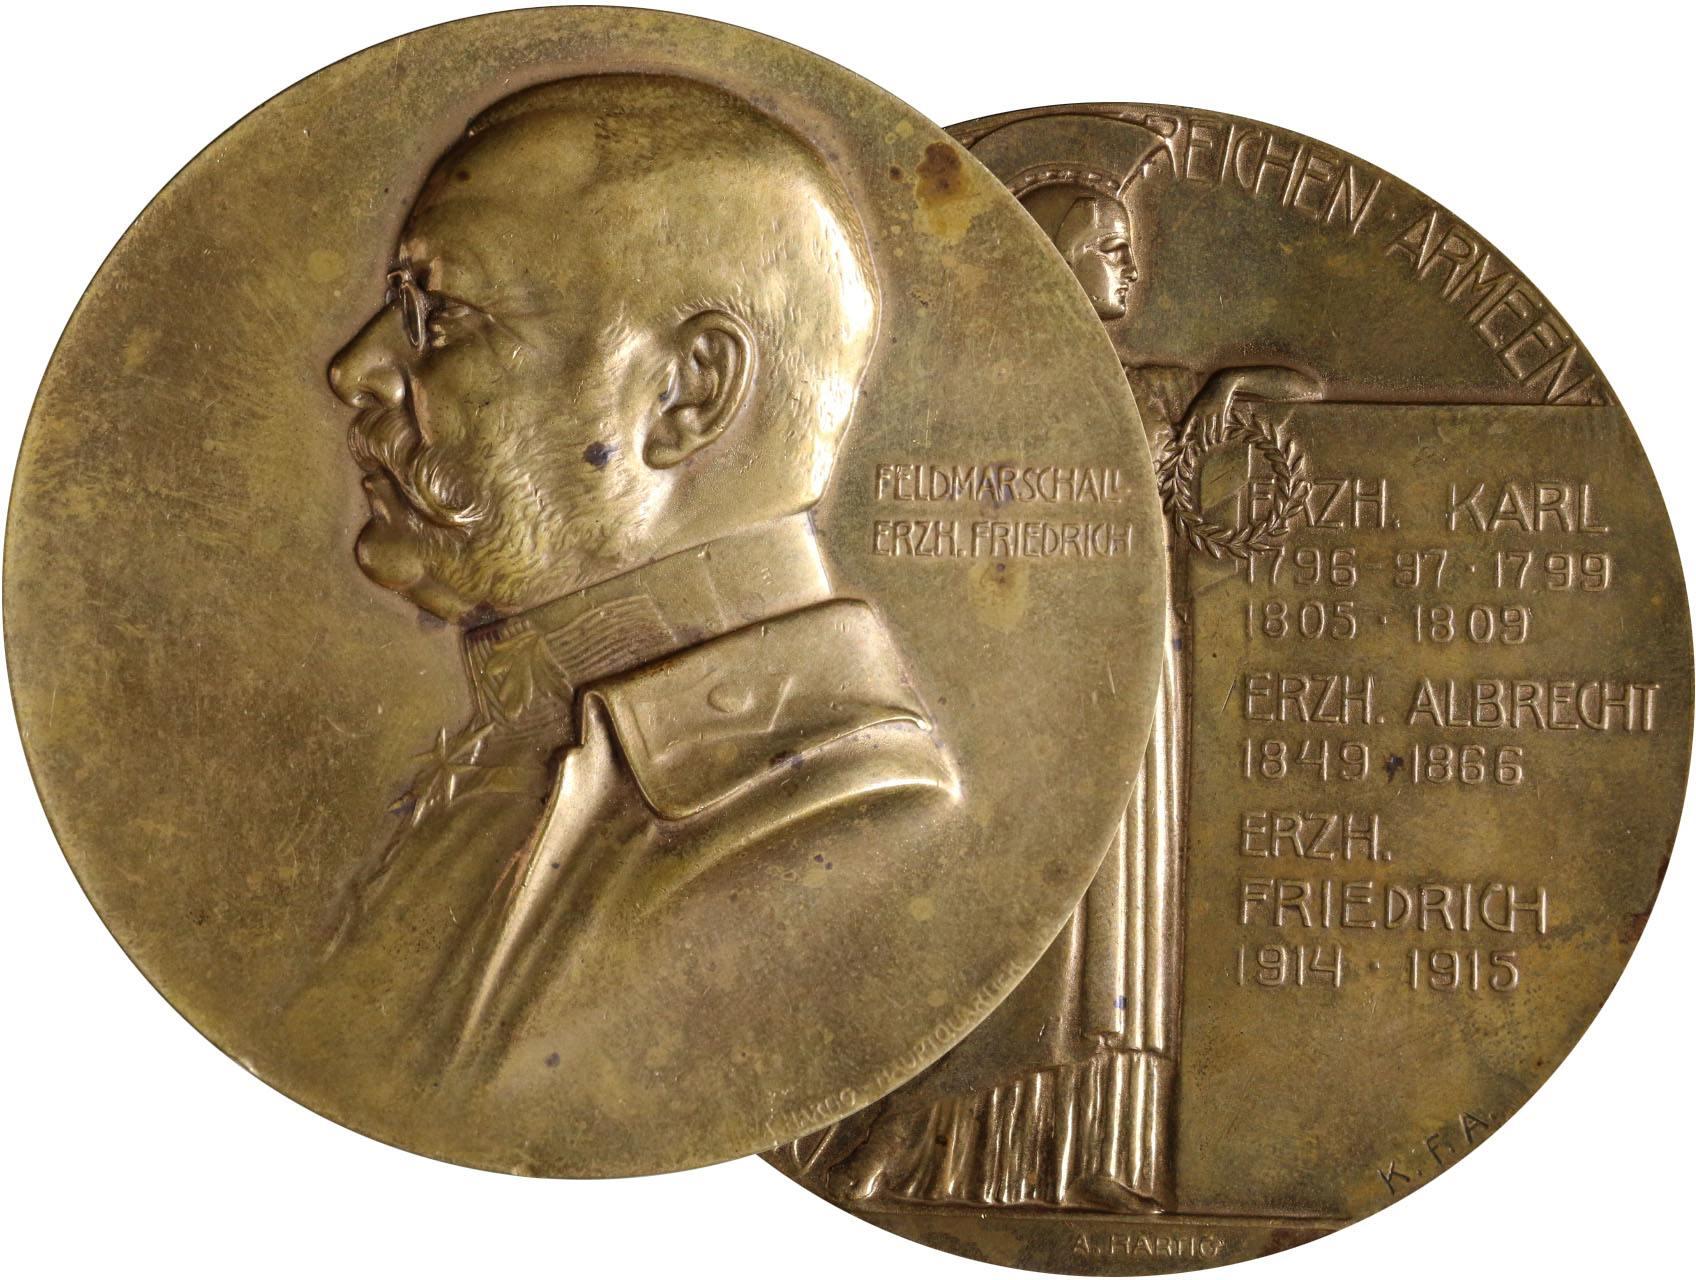 Hartig Arnold 1878-1972 - AE medaile 1915, polní maršál arcivévoda Friedrich, portrét zleva / antická postava, Minerva, text, opis, značeno K.F.A. (Kriegsfürsorgeamt). Bronz, 65 mm.